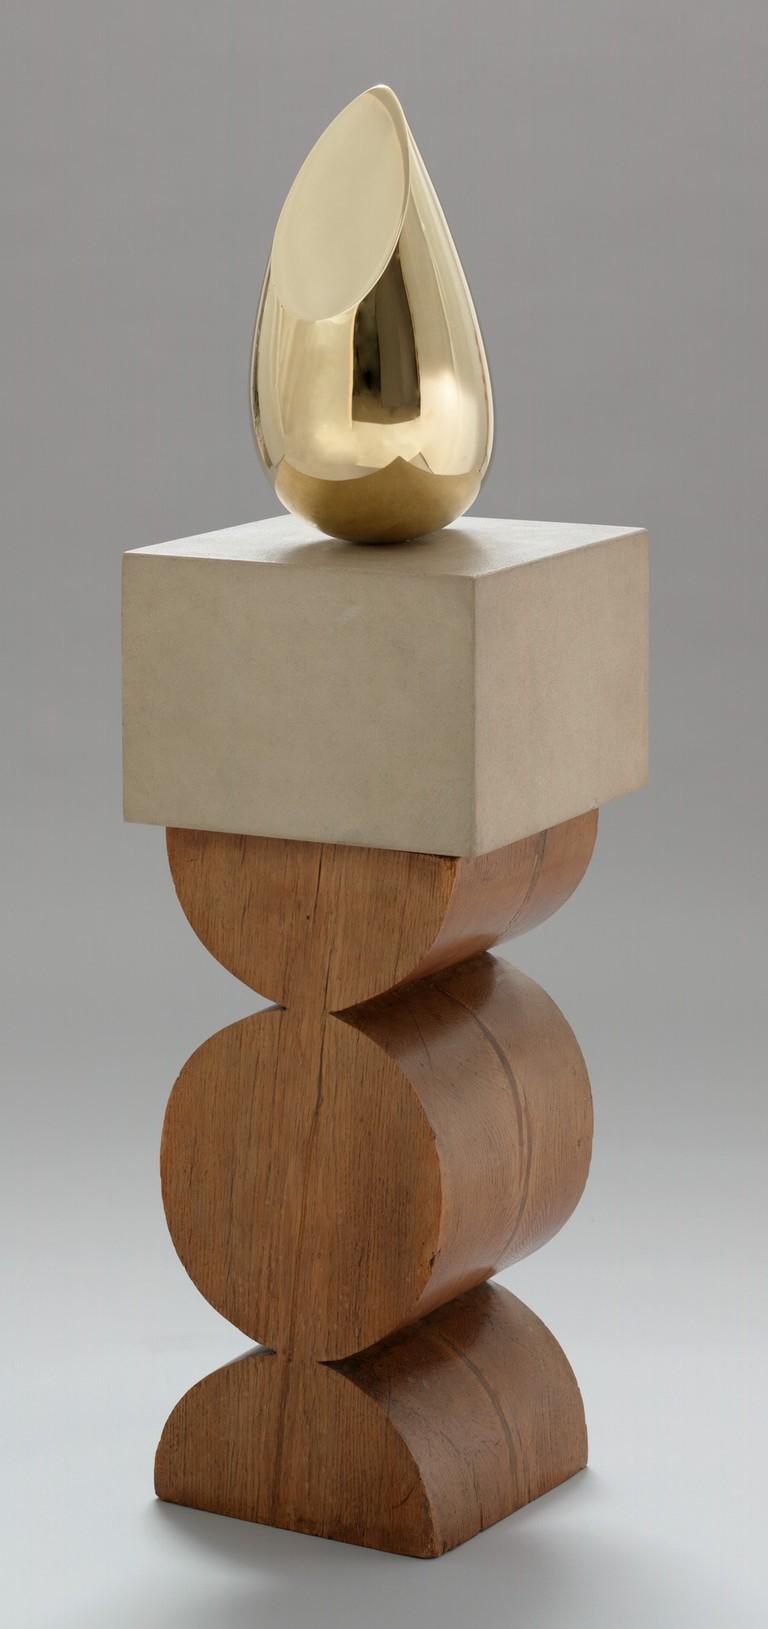 Constantin Brancusi, 'Young Bird' (1928)